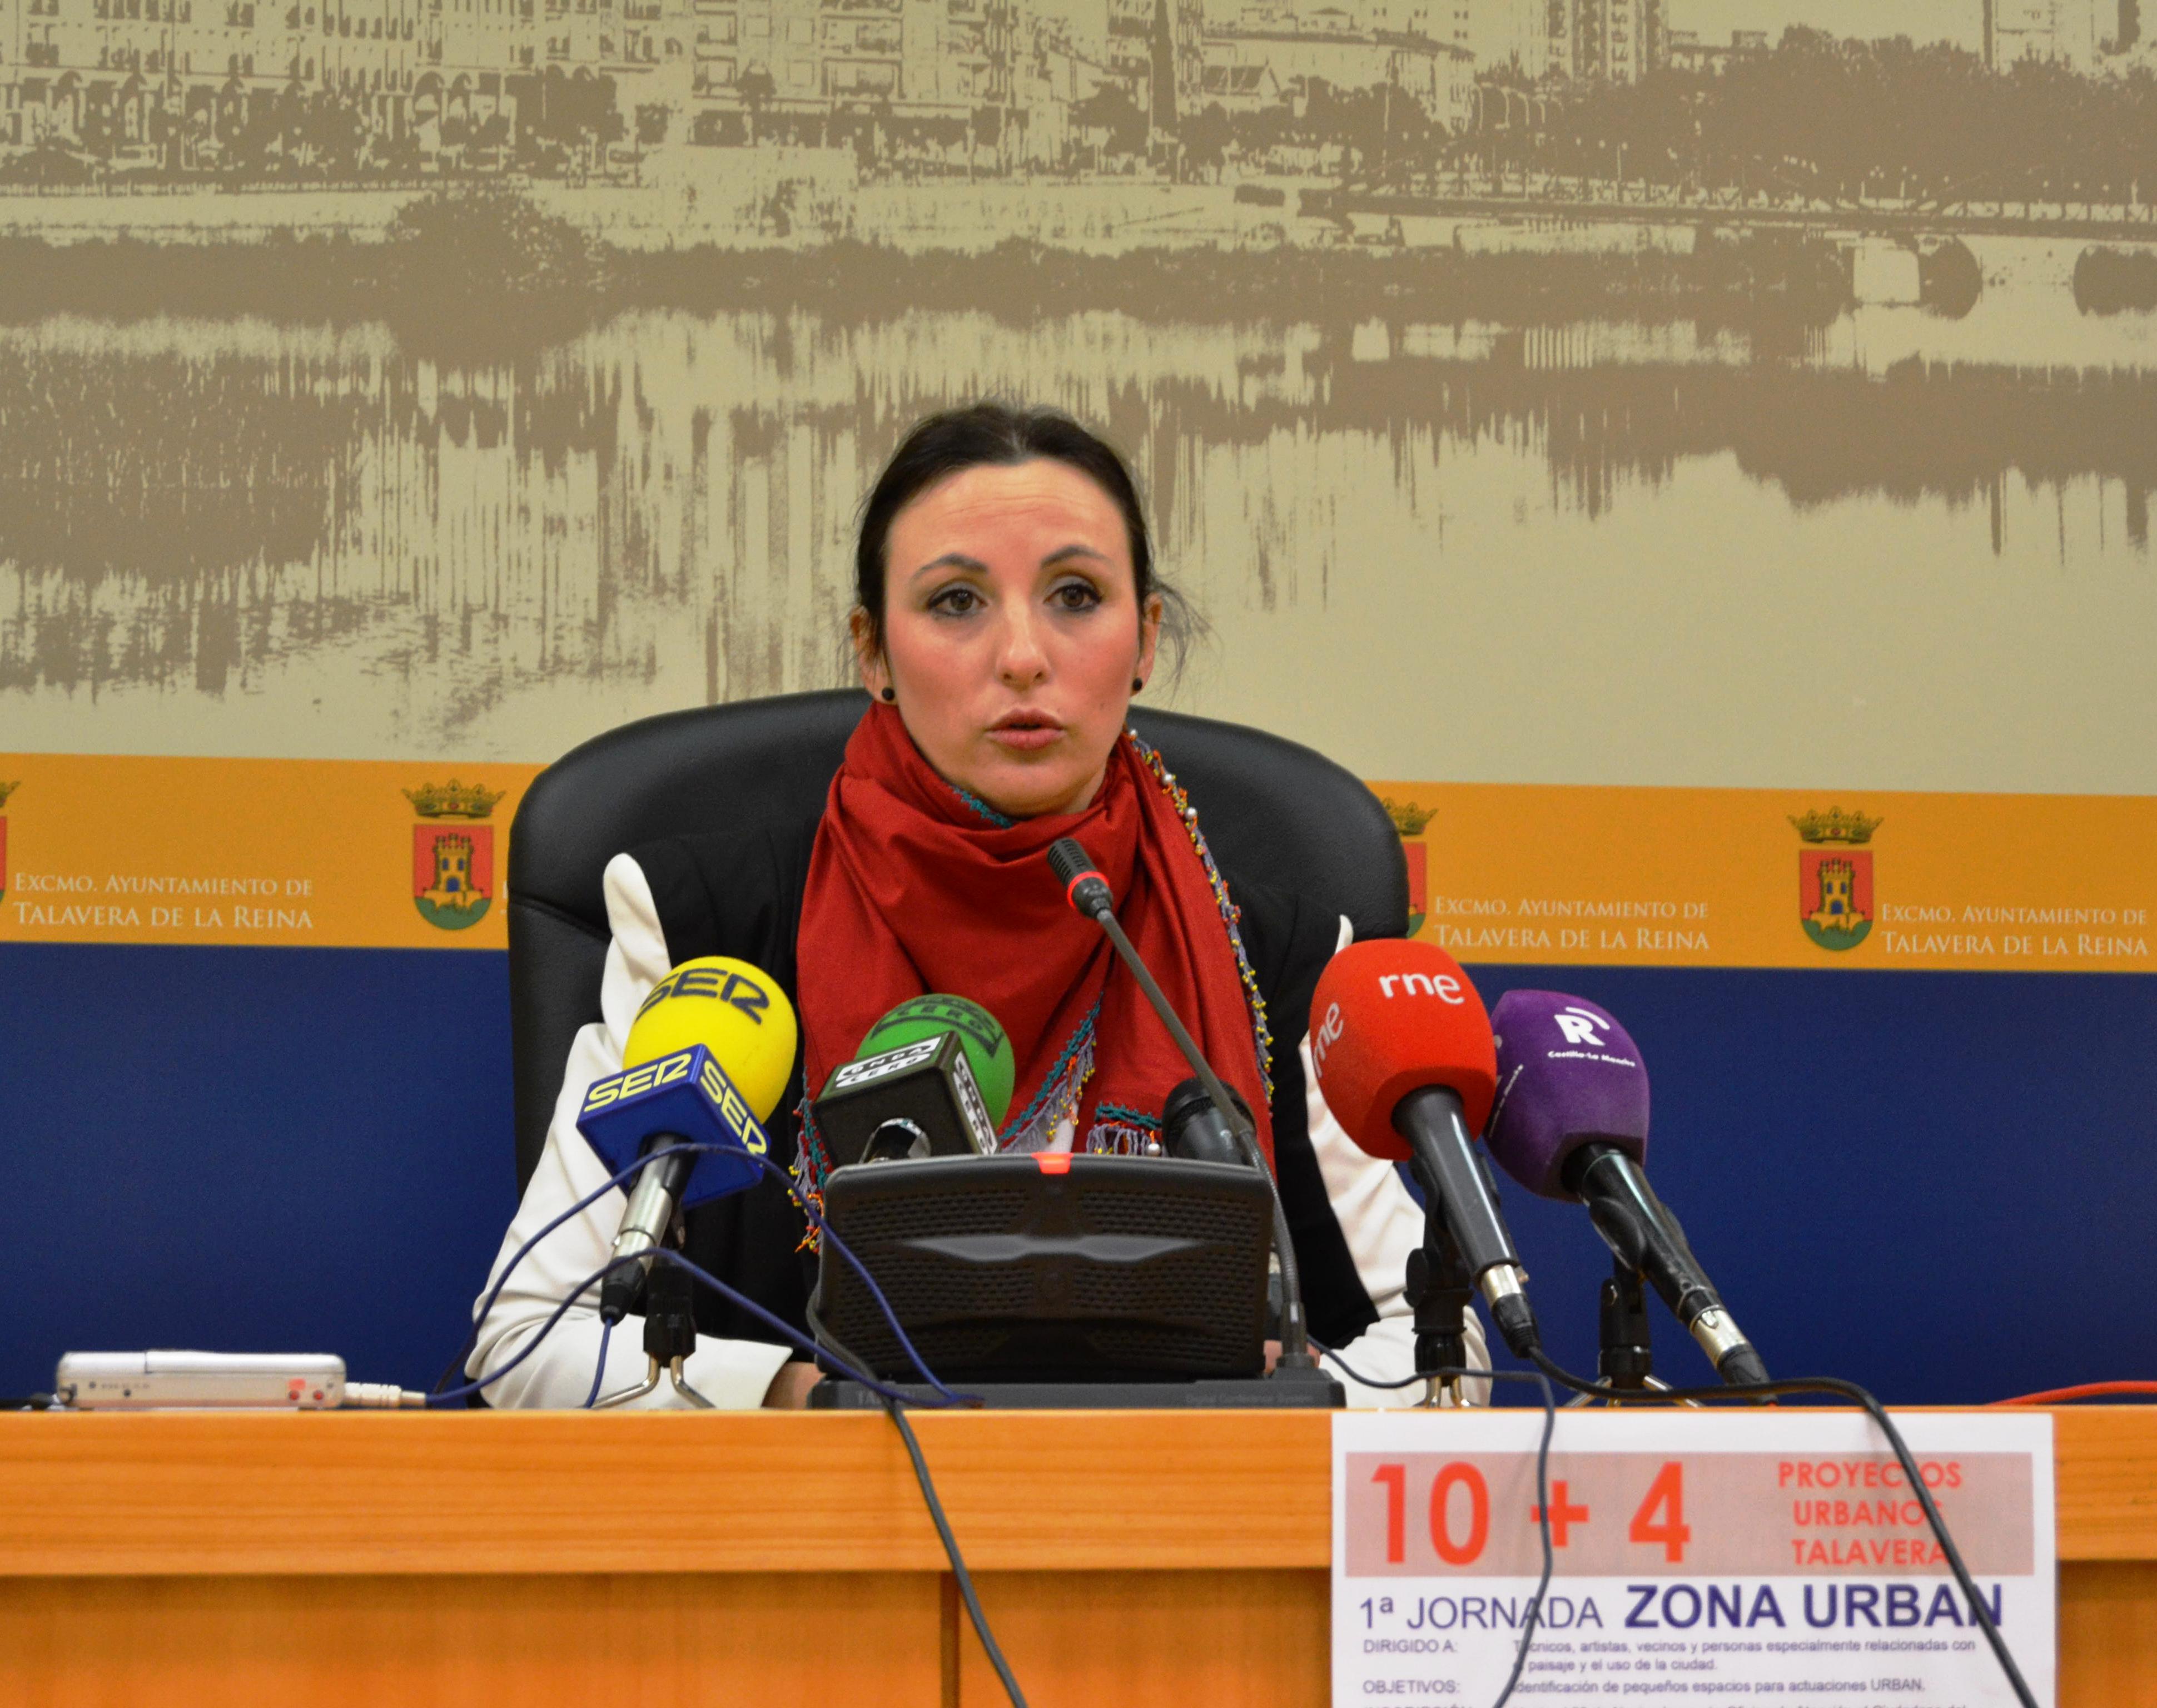 El Ayuntamiento de Talavera quiere rehabilitar espacios urbanos con la ayuda de los talaveranos